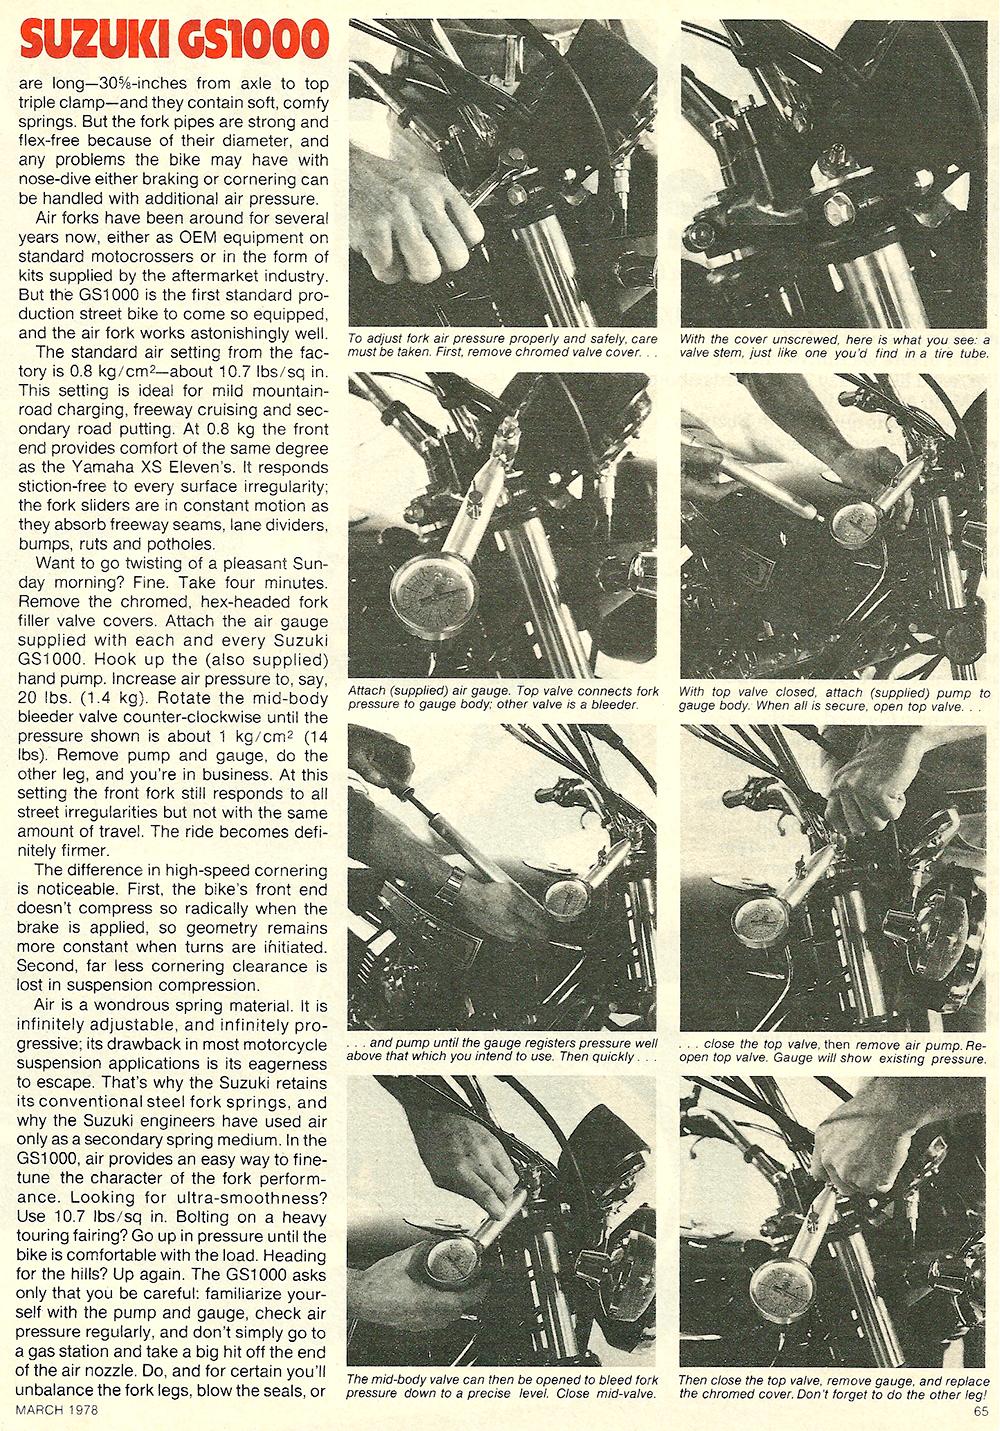 1978 Suzuki GS1000 road test 6.jpg